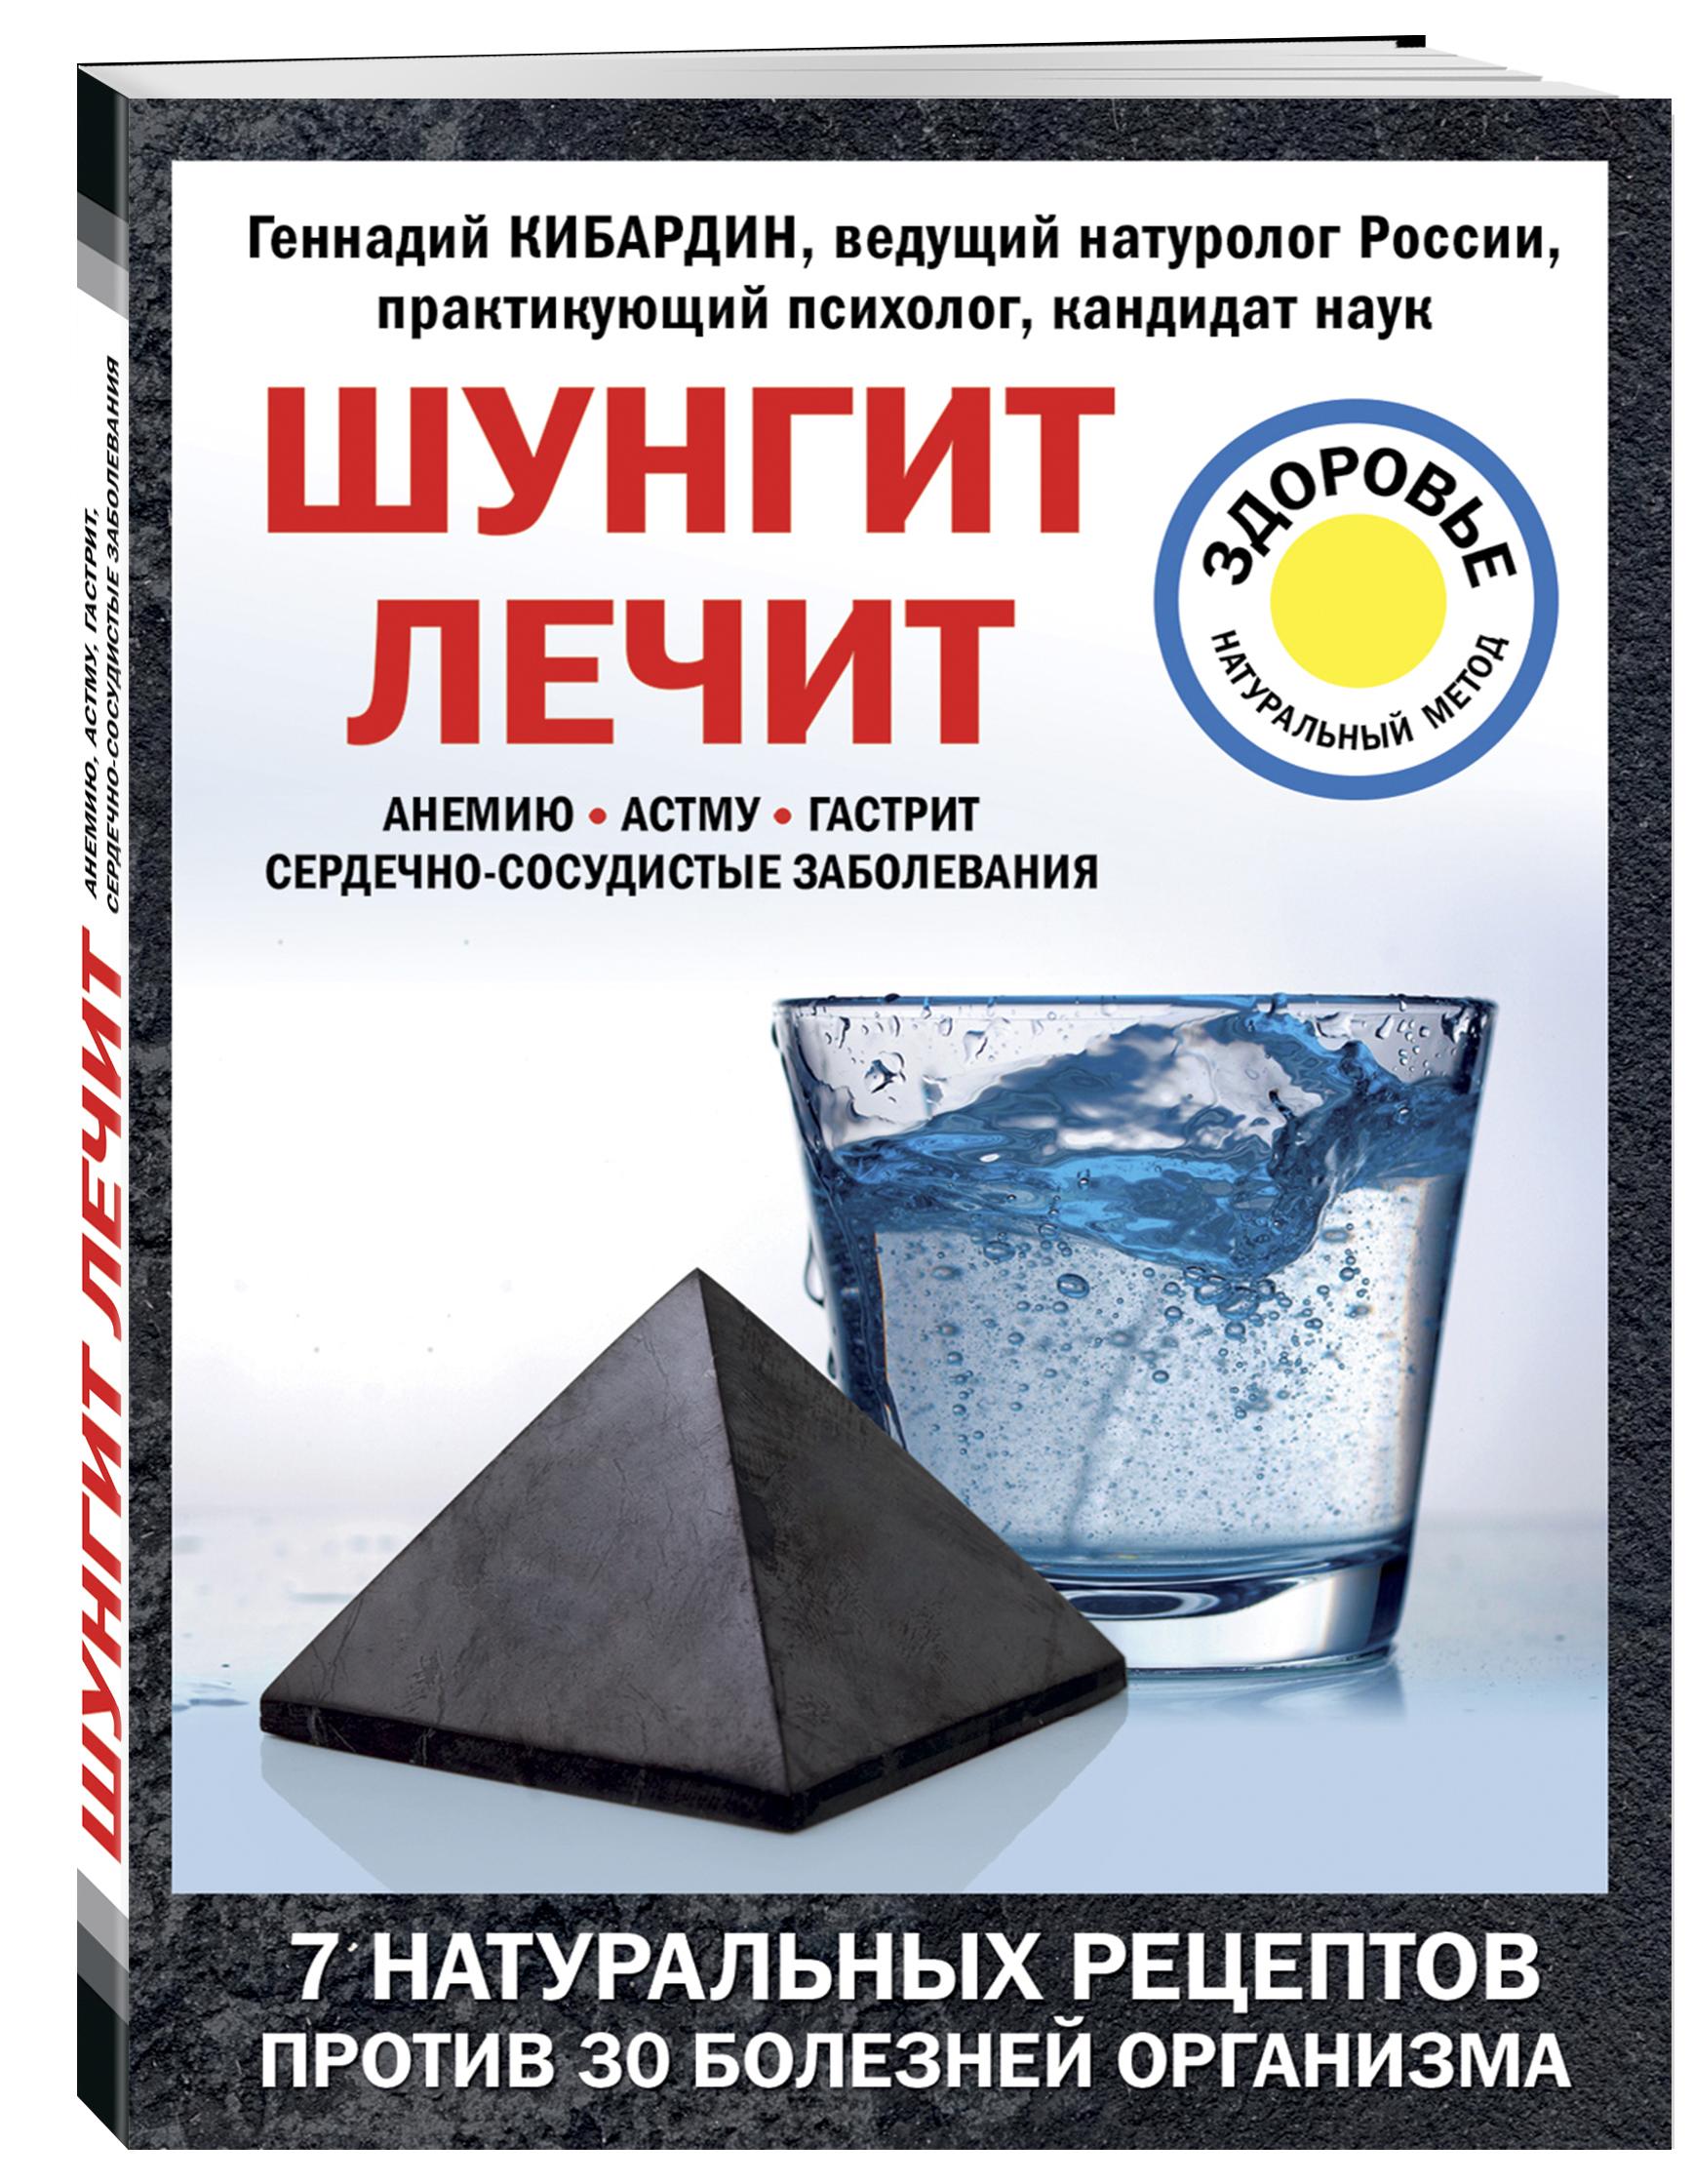 Кибардин Г.М. Шунгит лечит активатор воды шунгит природный целитель авита 150 гр